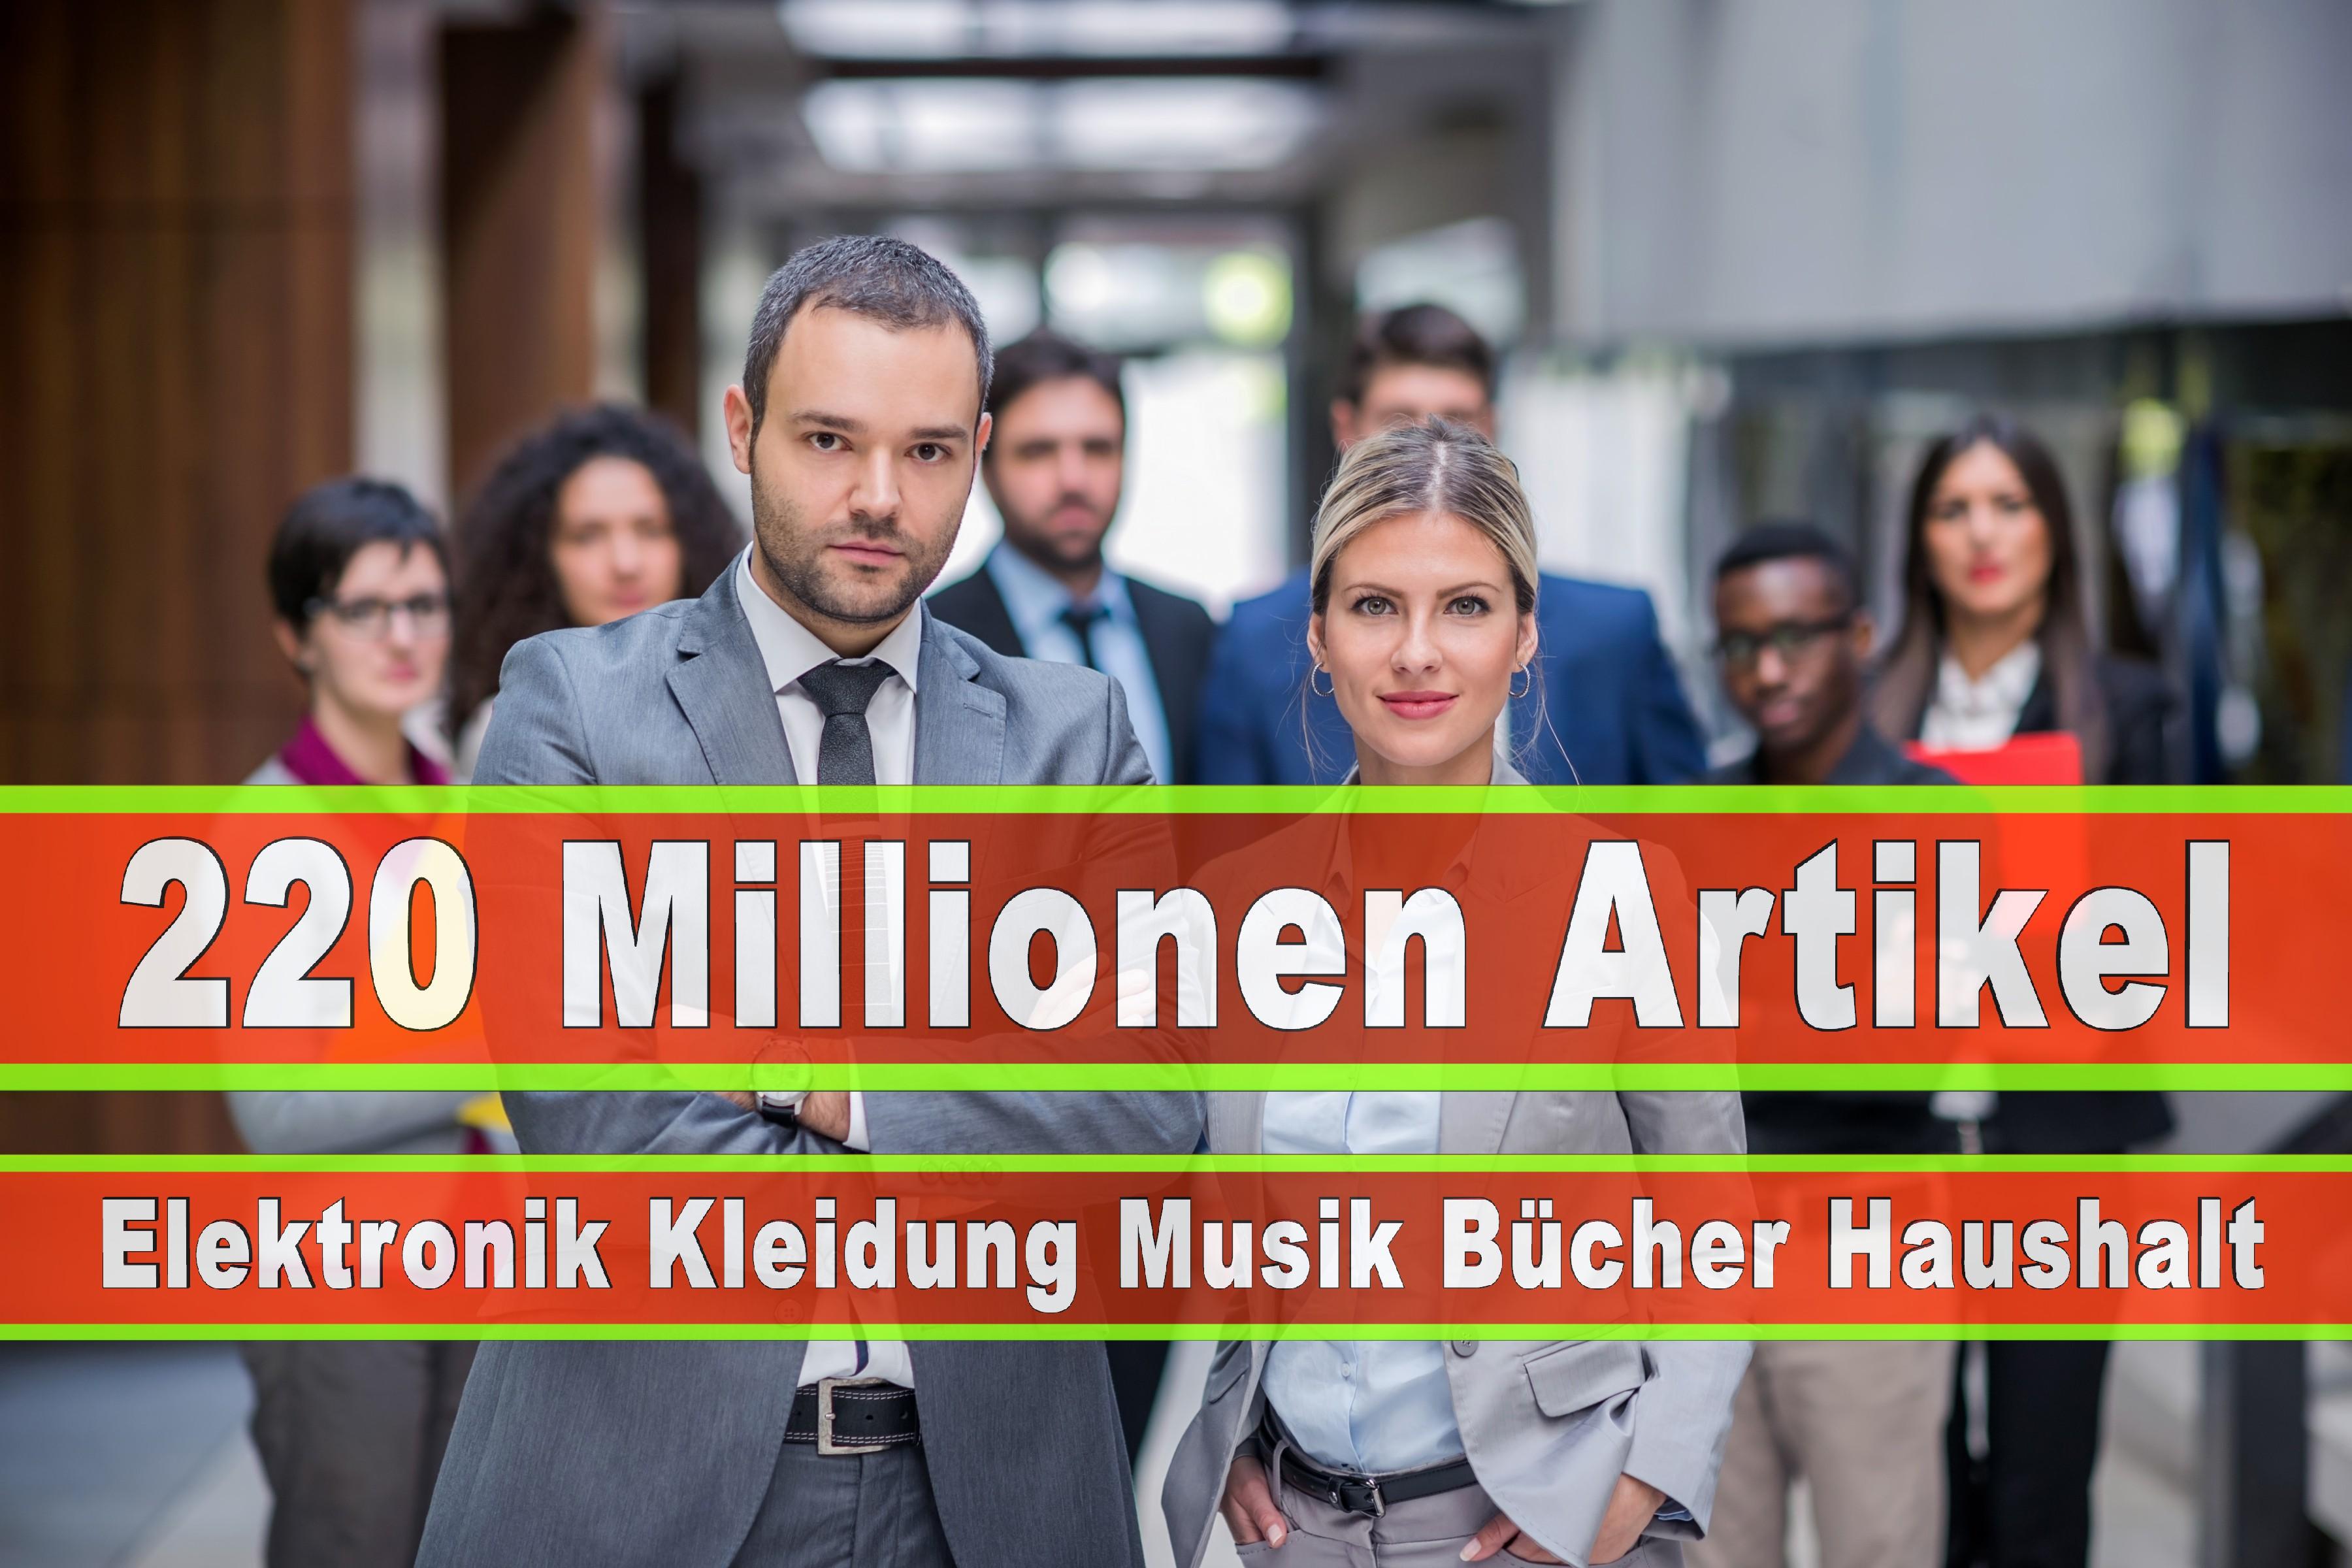 Amazon Elektronik Musik Haushalt Bücher CD DVD Handys Smartphones TV Television Fernseher Kleidung Mode Ebay Versandhaus (185)